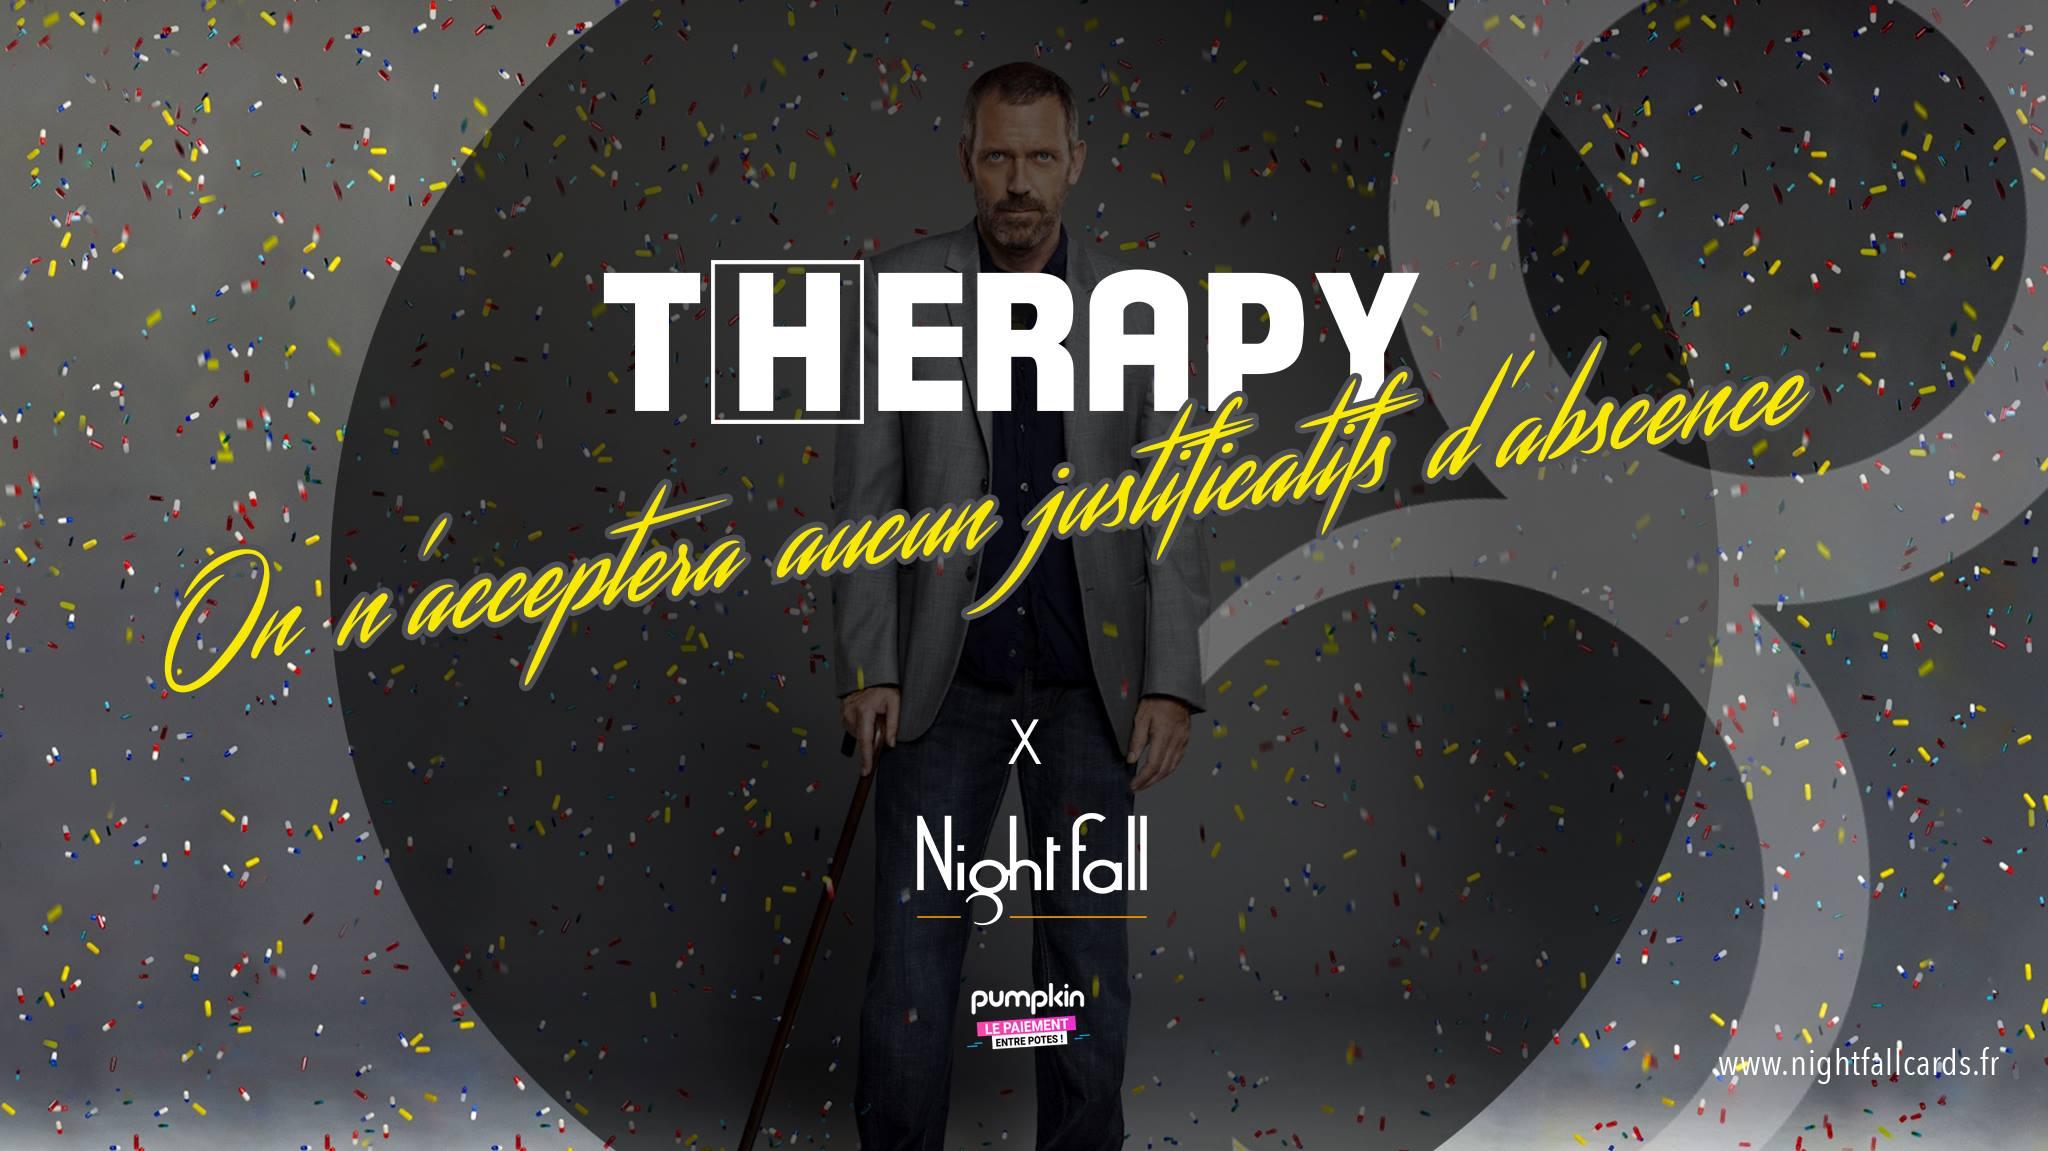 Thérapy